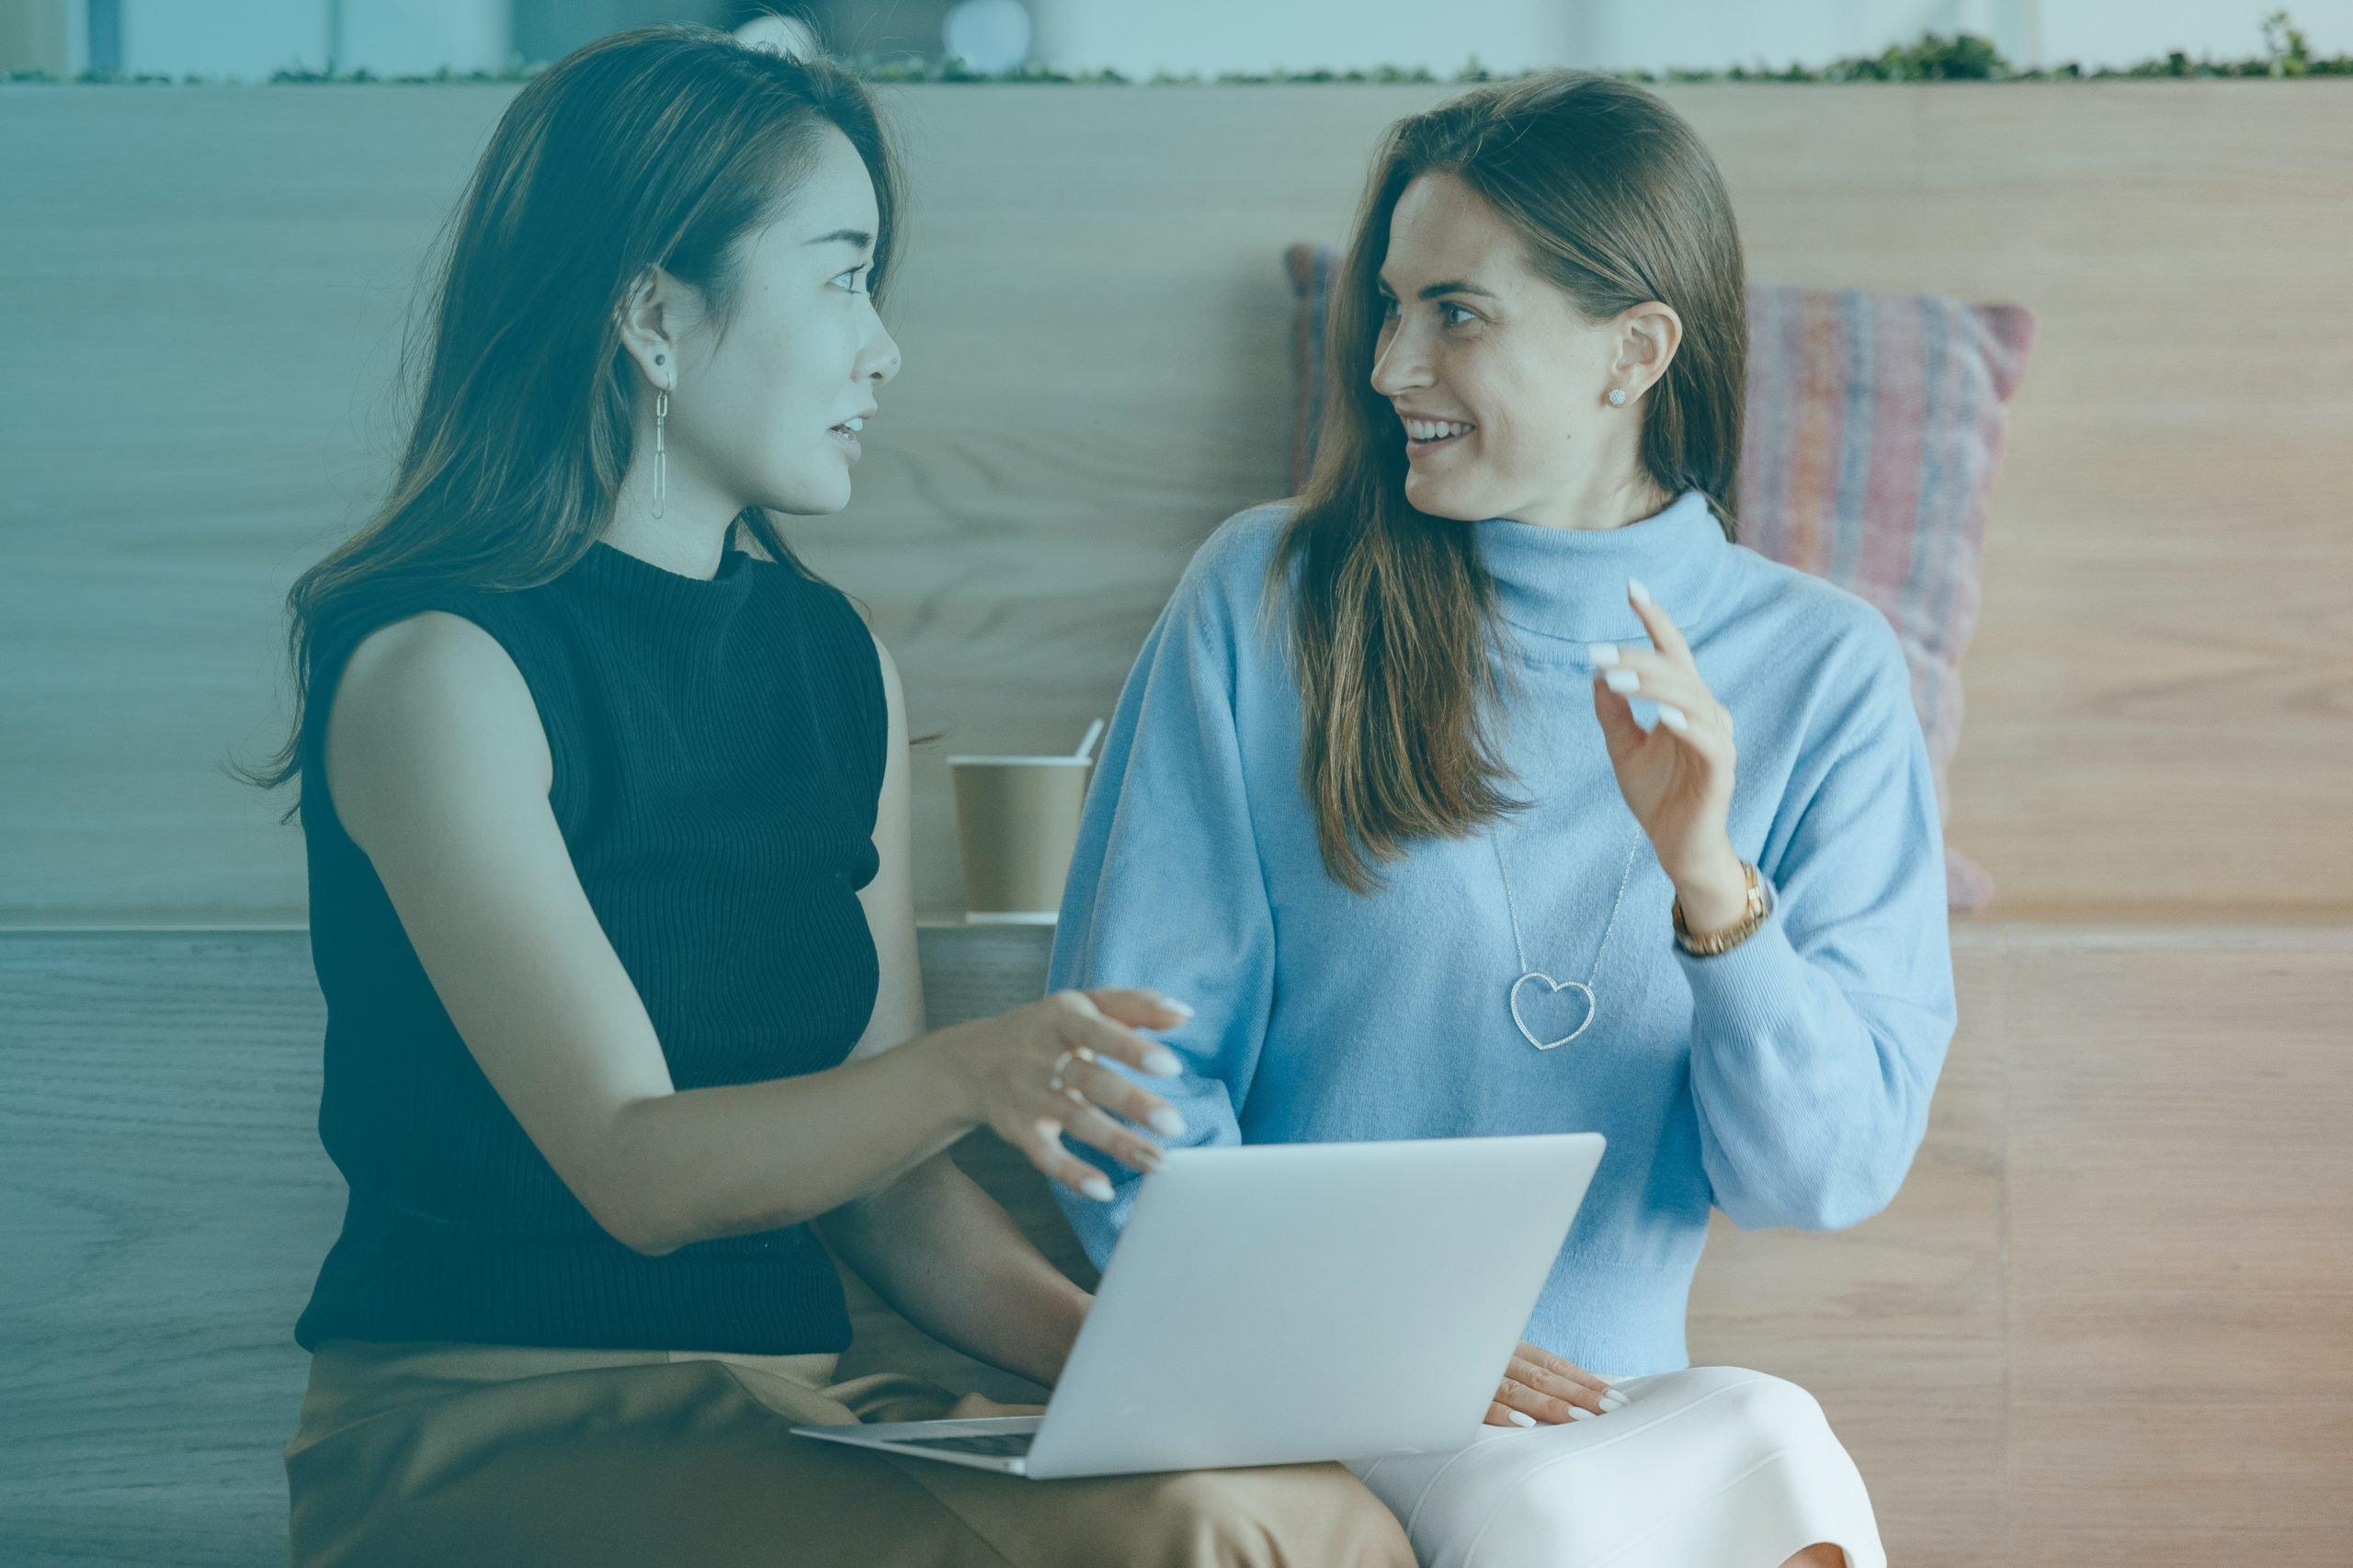 Planera projektet with QBIS i etapper och få önskat resultat för ditt företag